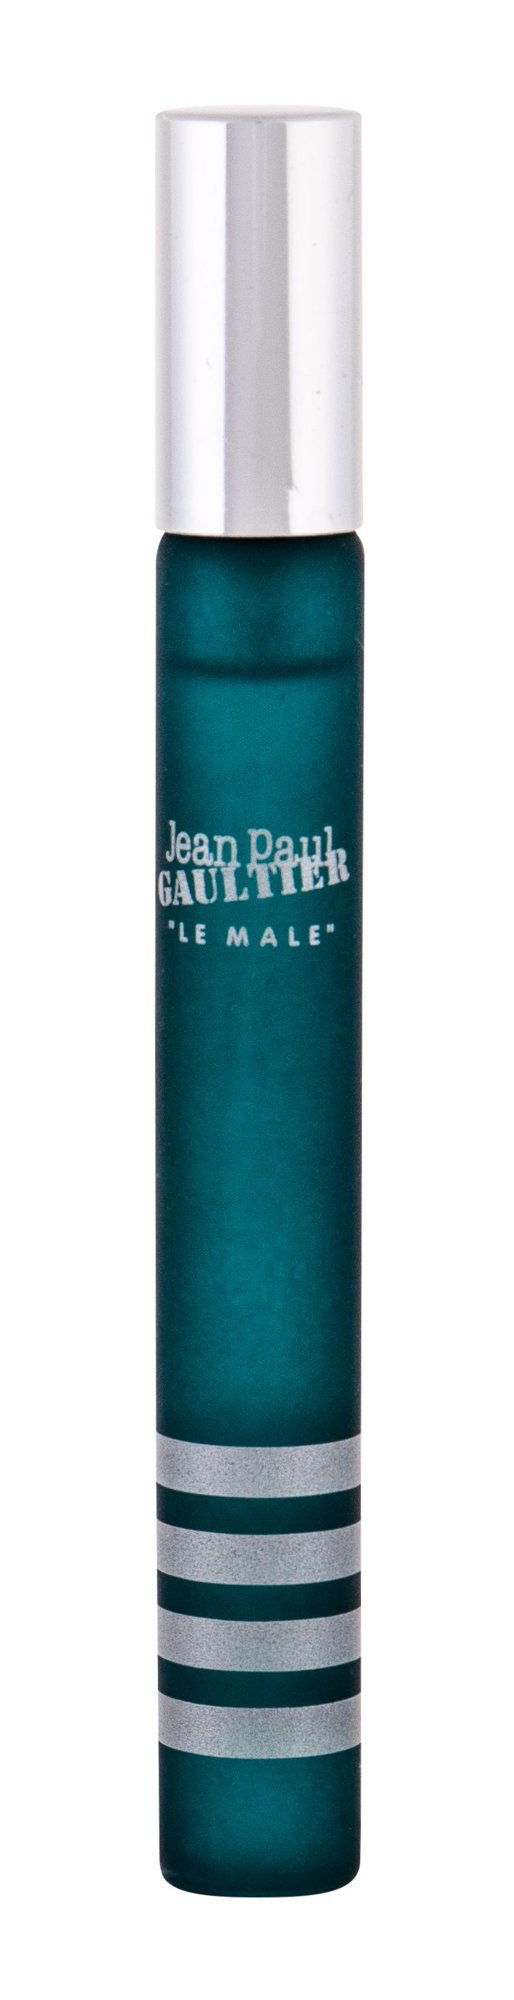 Jean Paul Gaultier Le Male Eau de Toilette 10ml